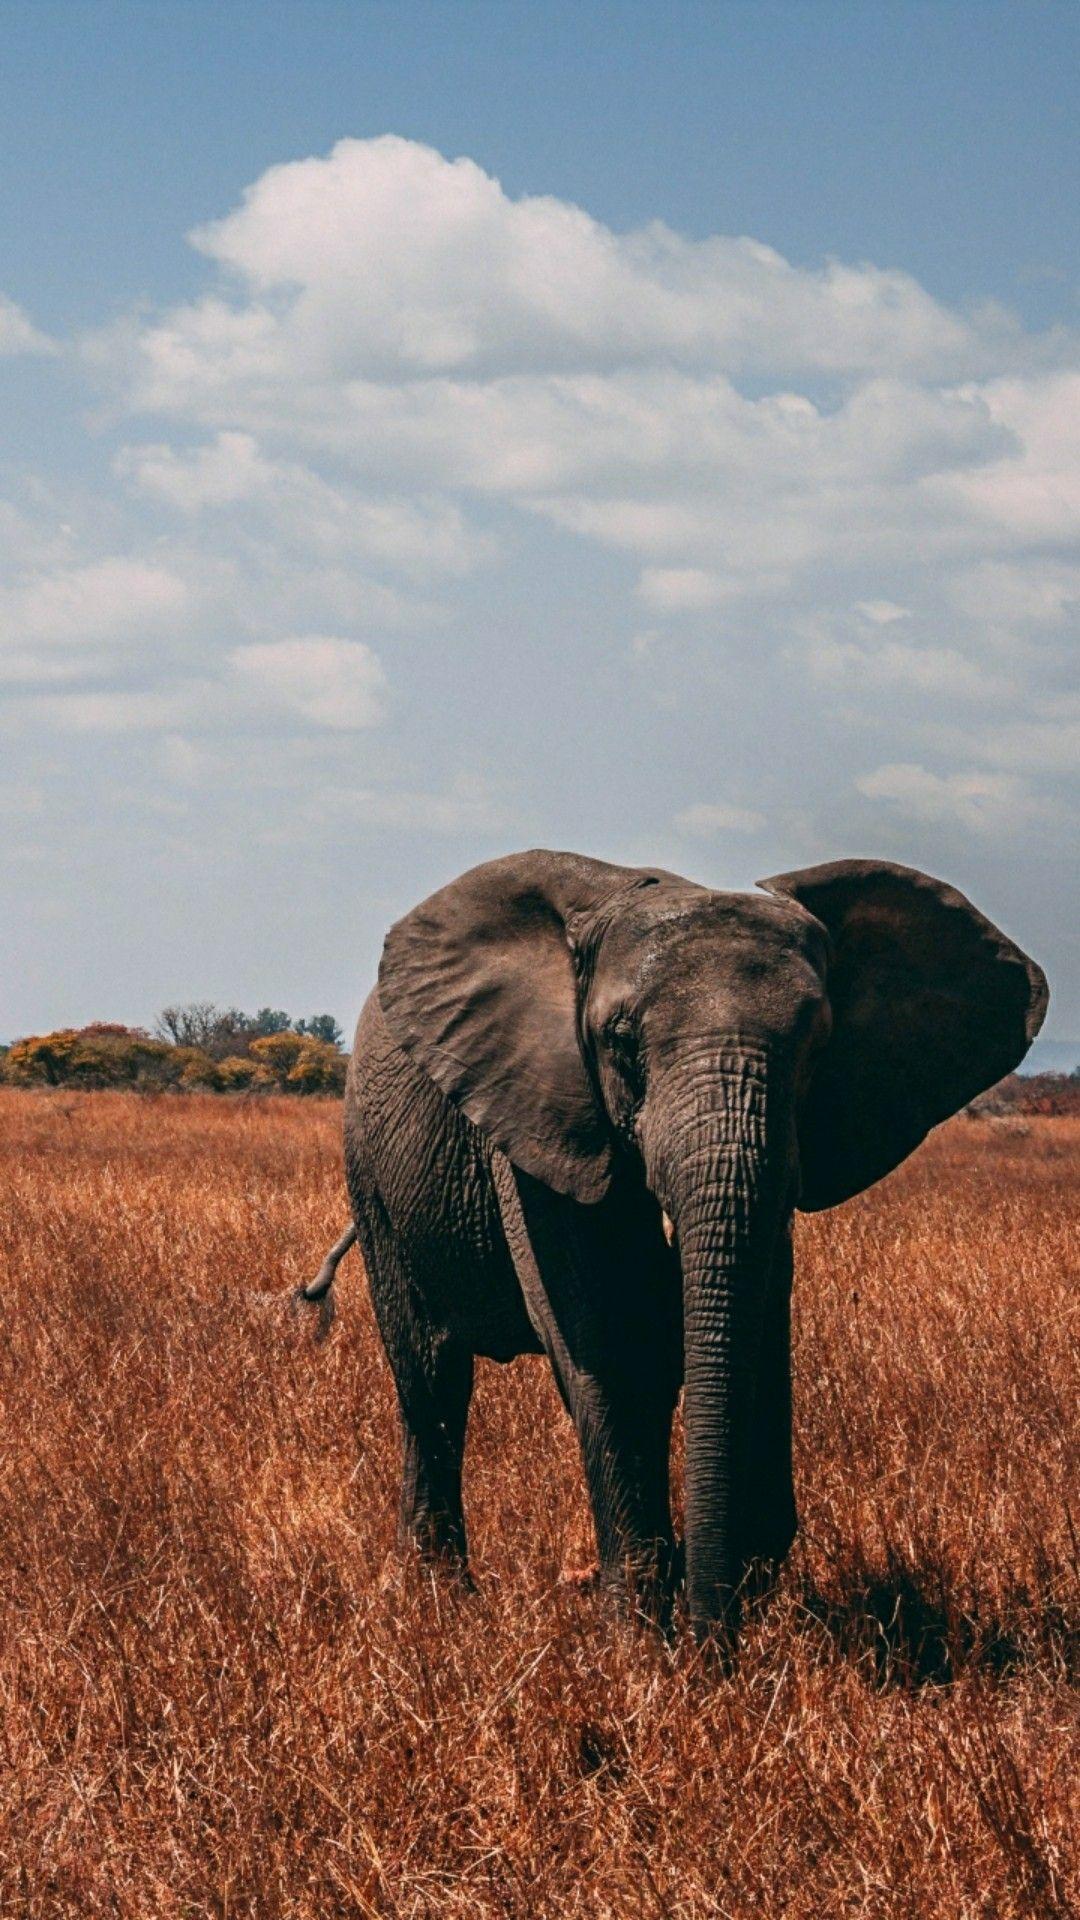 Elephant wallpaper | Elephant photography, Elephant ...